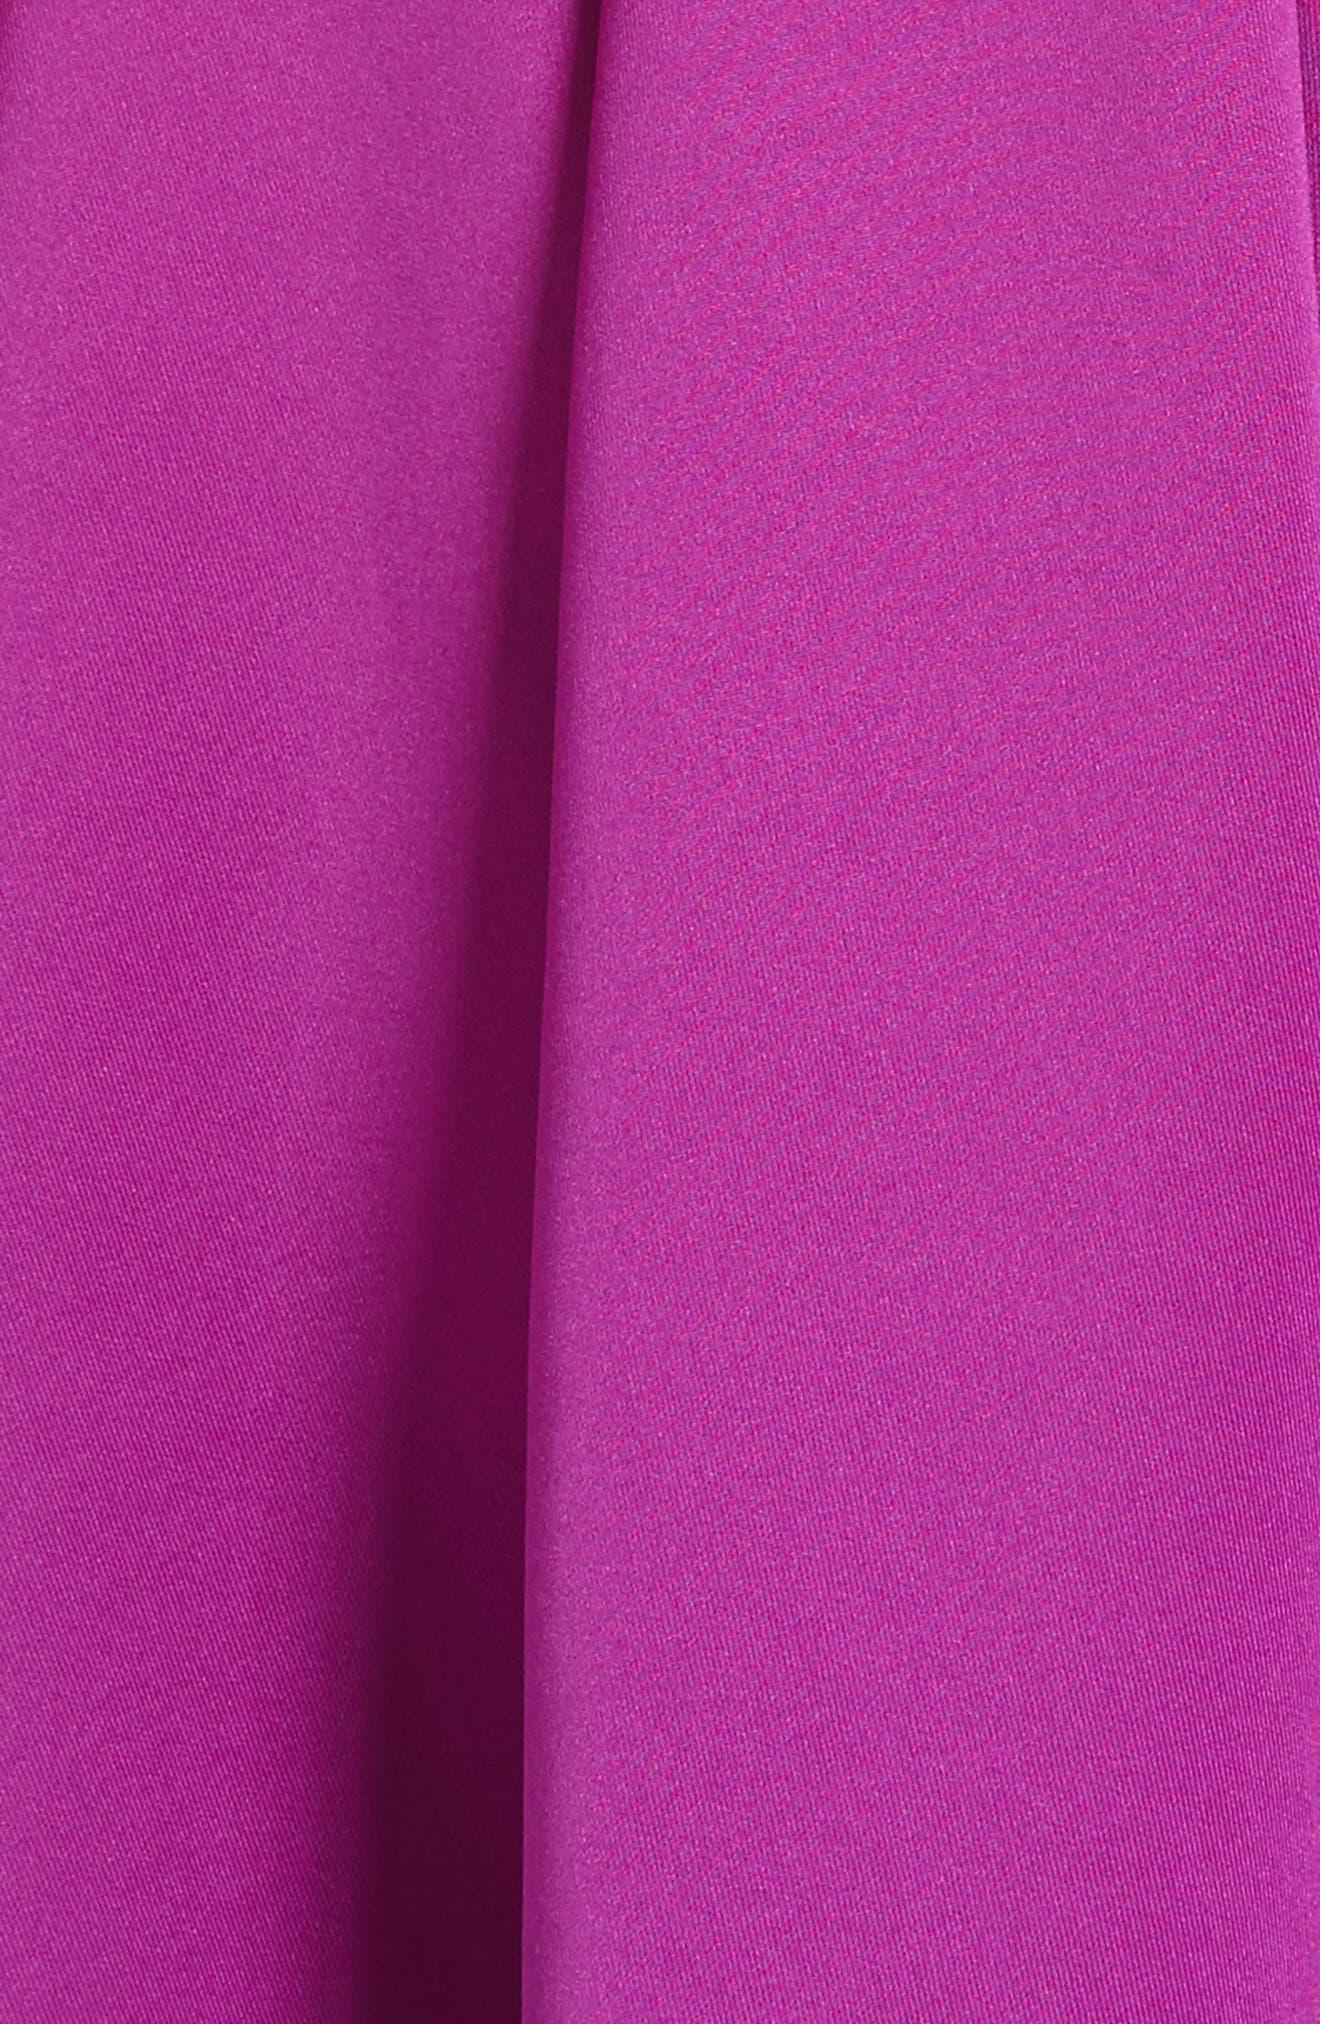 Alternate Image 5  - Ted Baker London J'adore Embellished Fit & Flare Dress